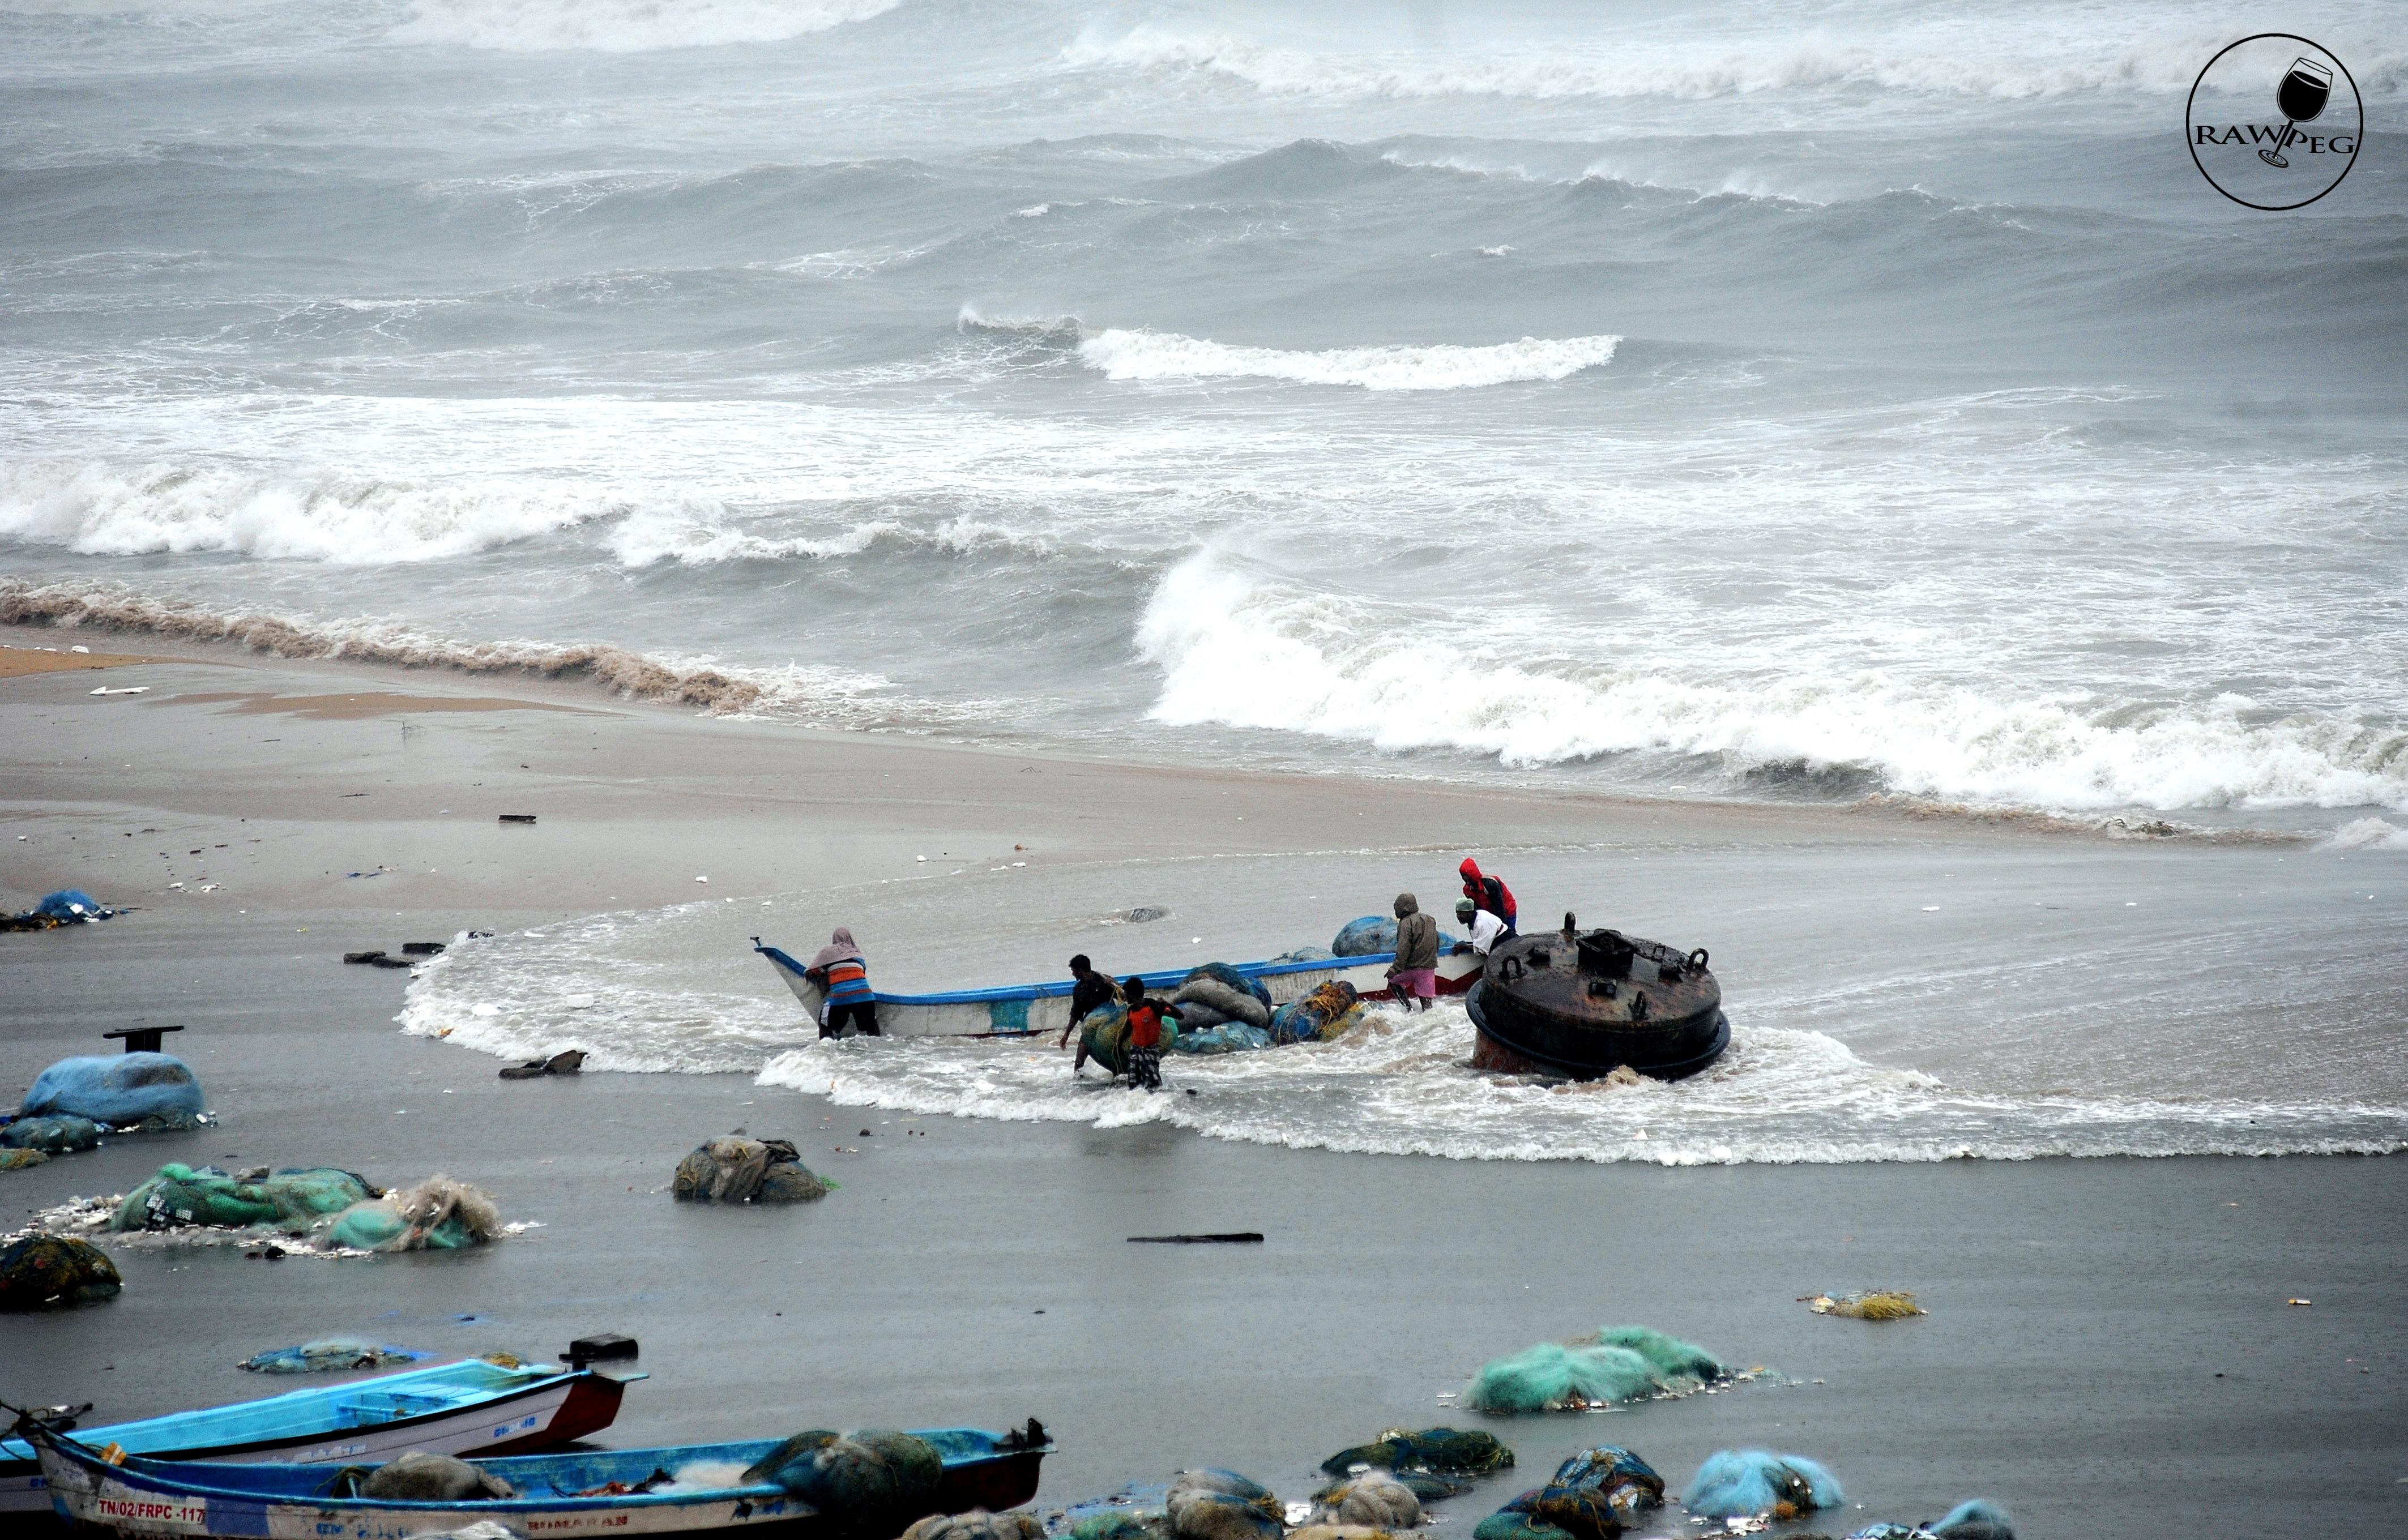 #rawpegstudio#CycloneThane